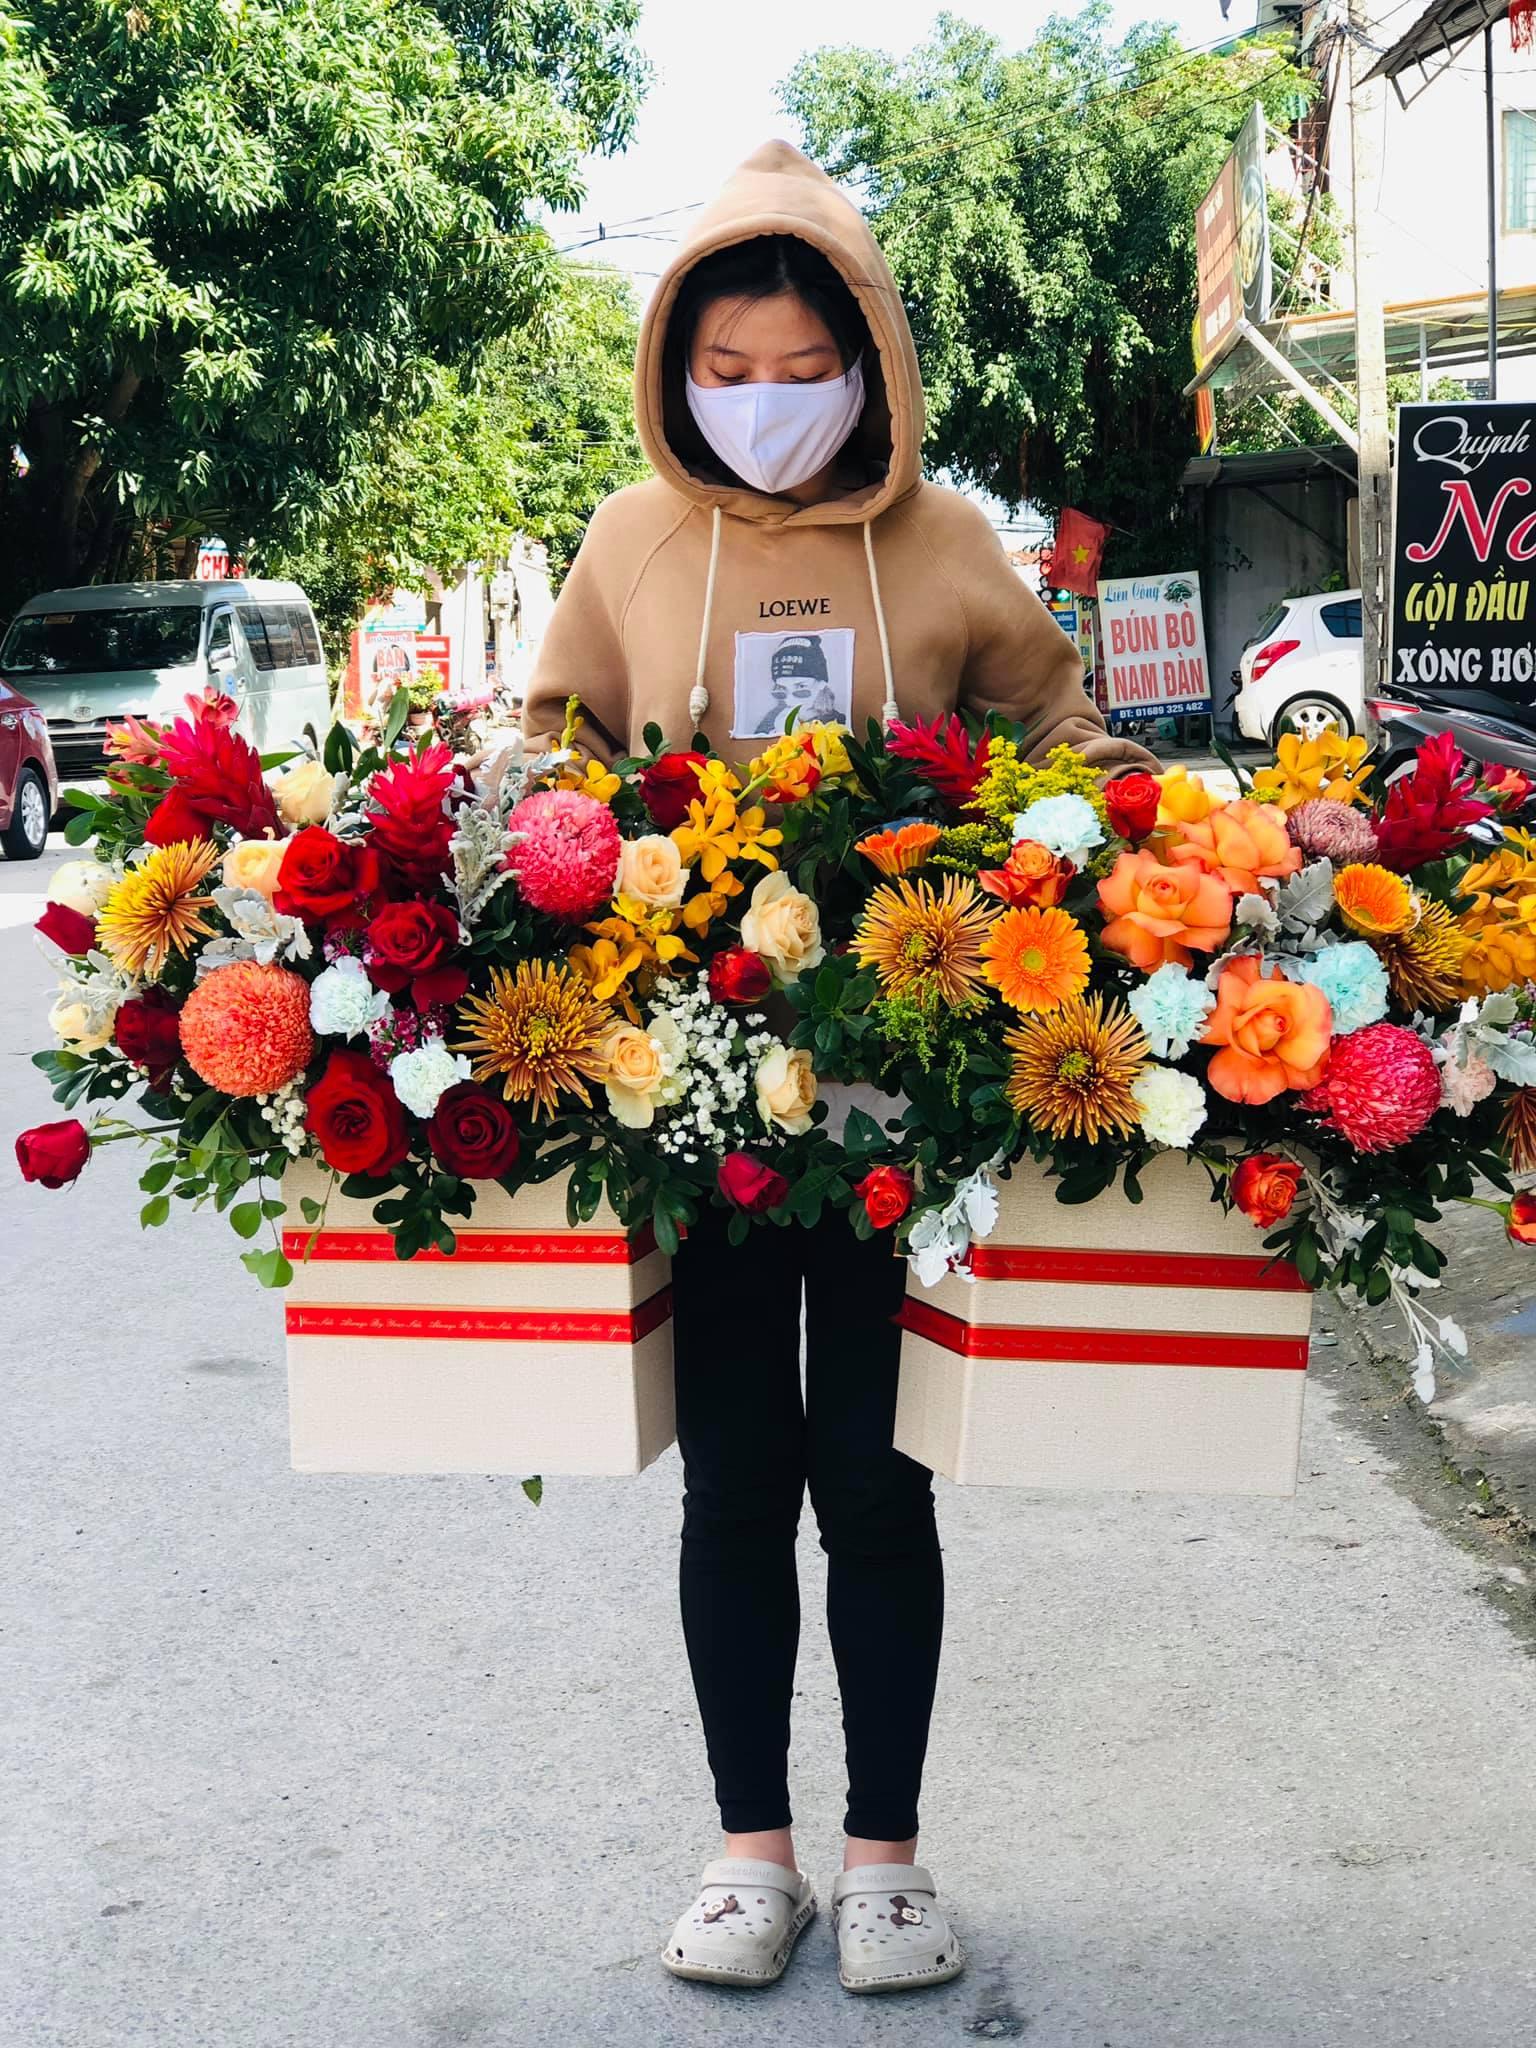 Shop hoa Quán Hành, Nghi Lộc, Nghệ An